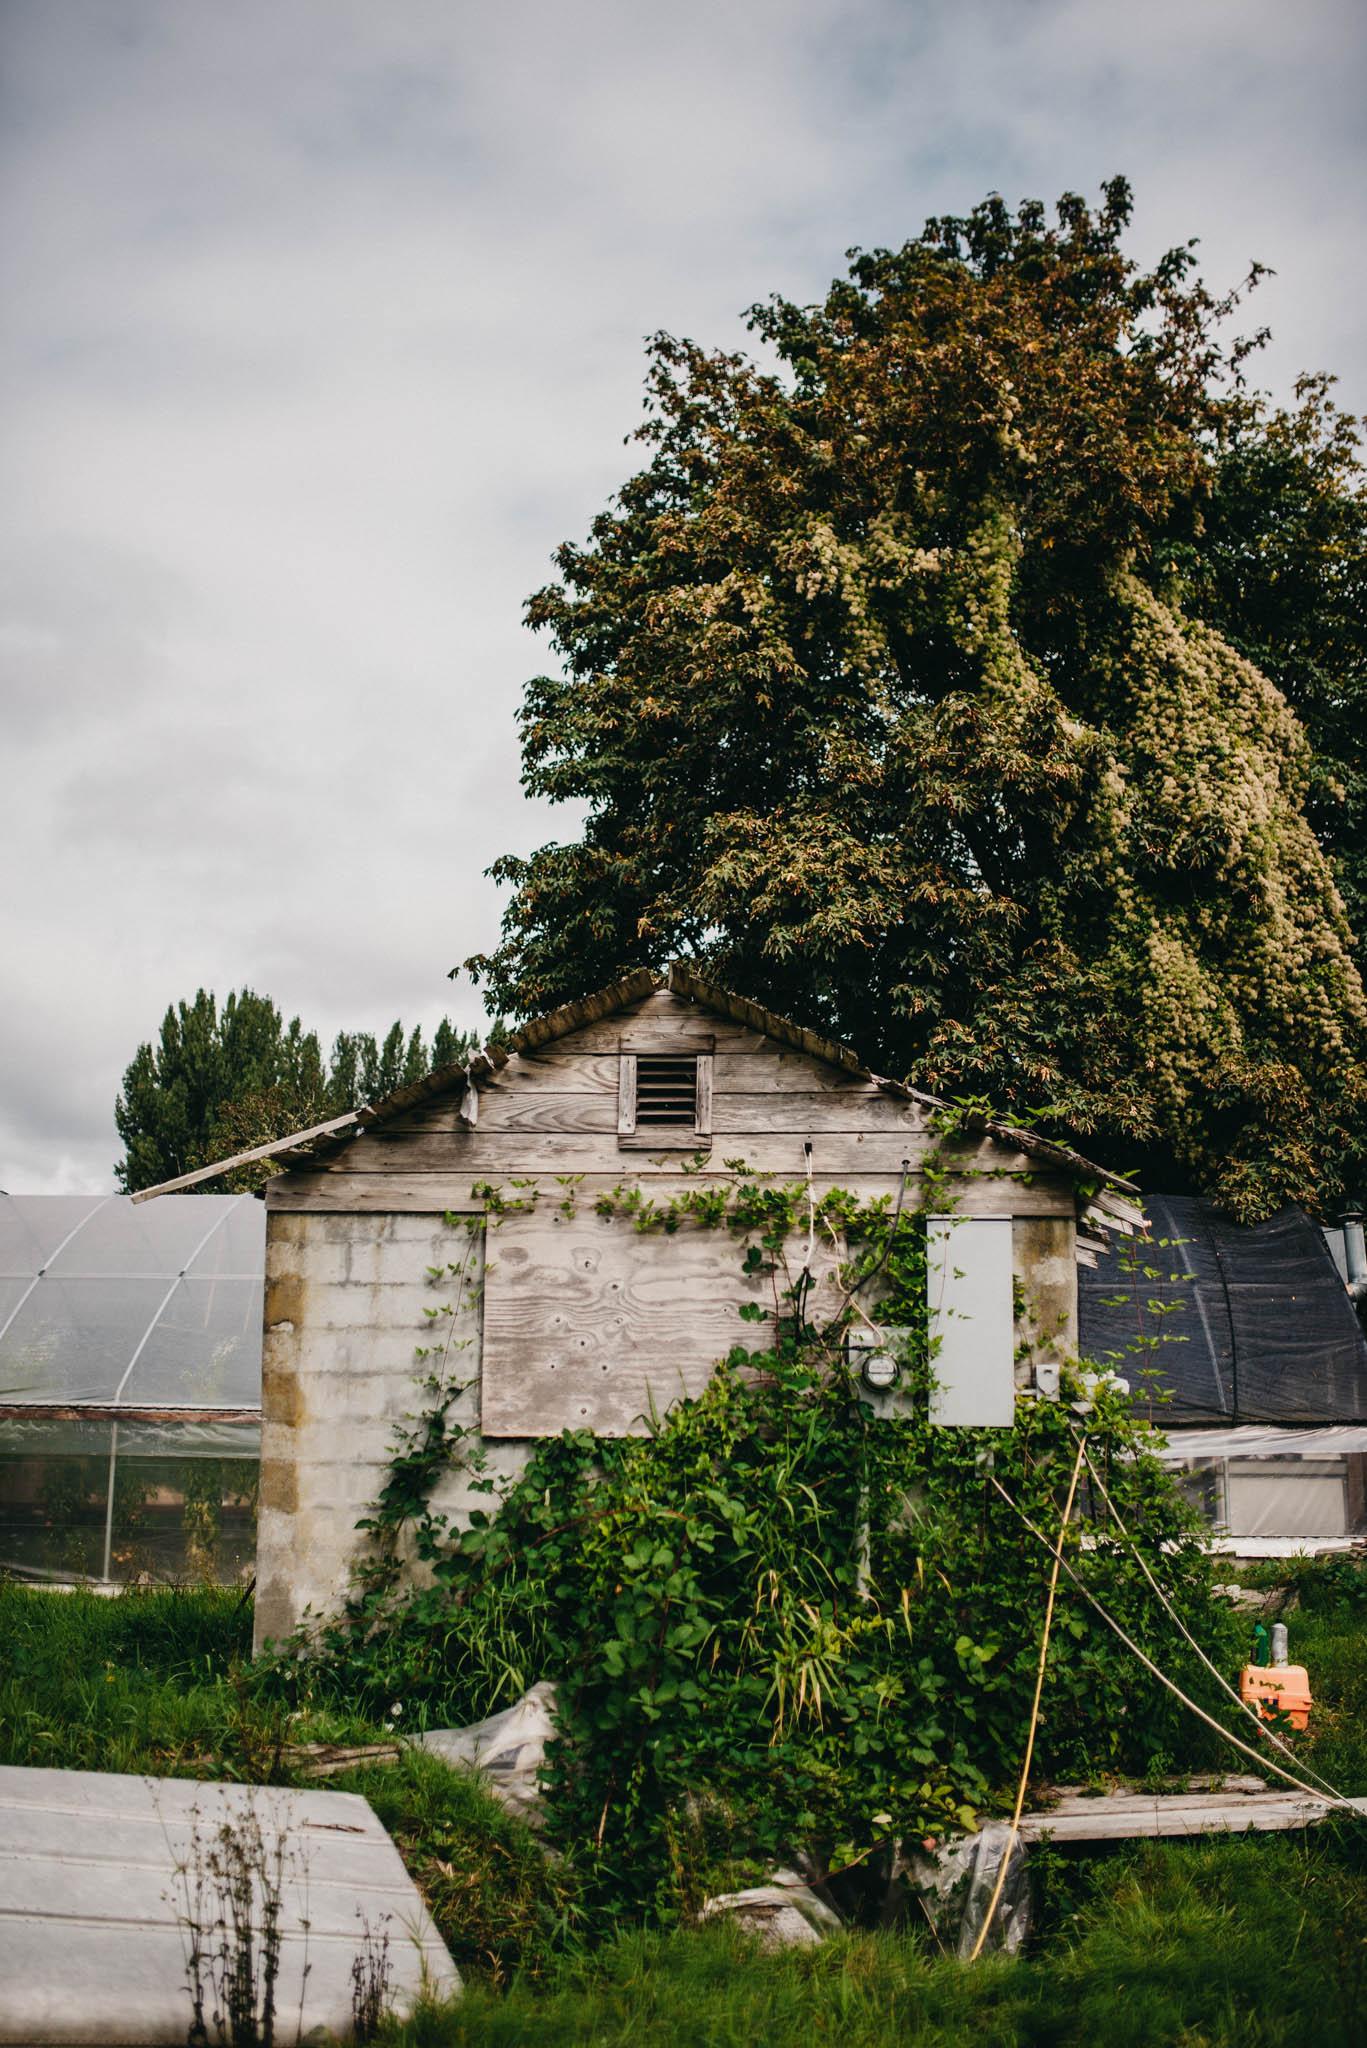 Building on farm in western washington